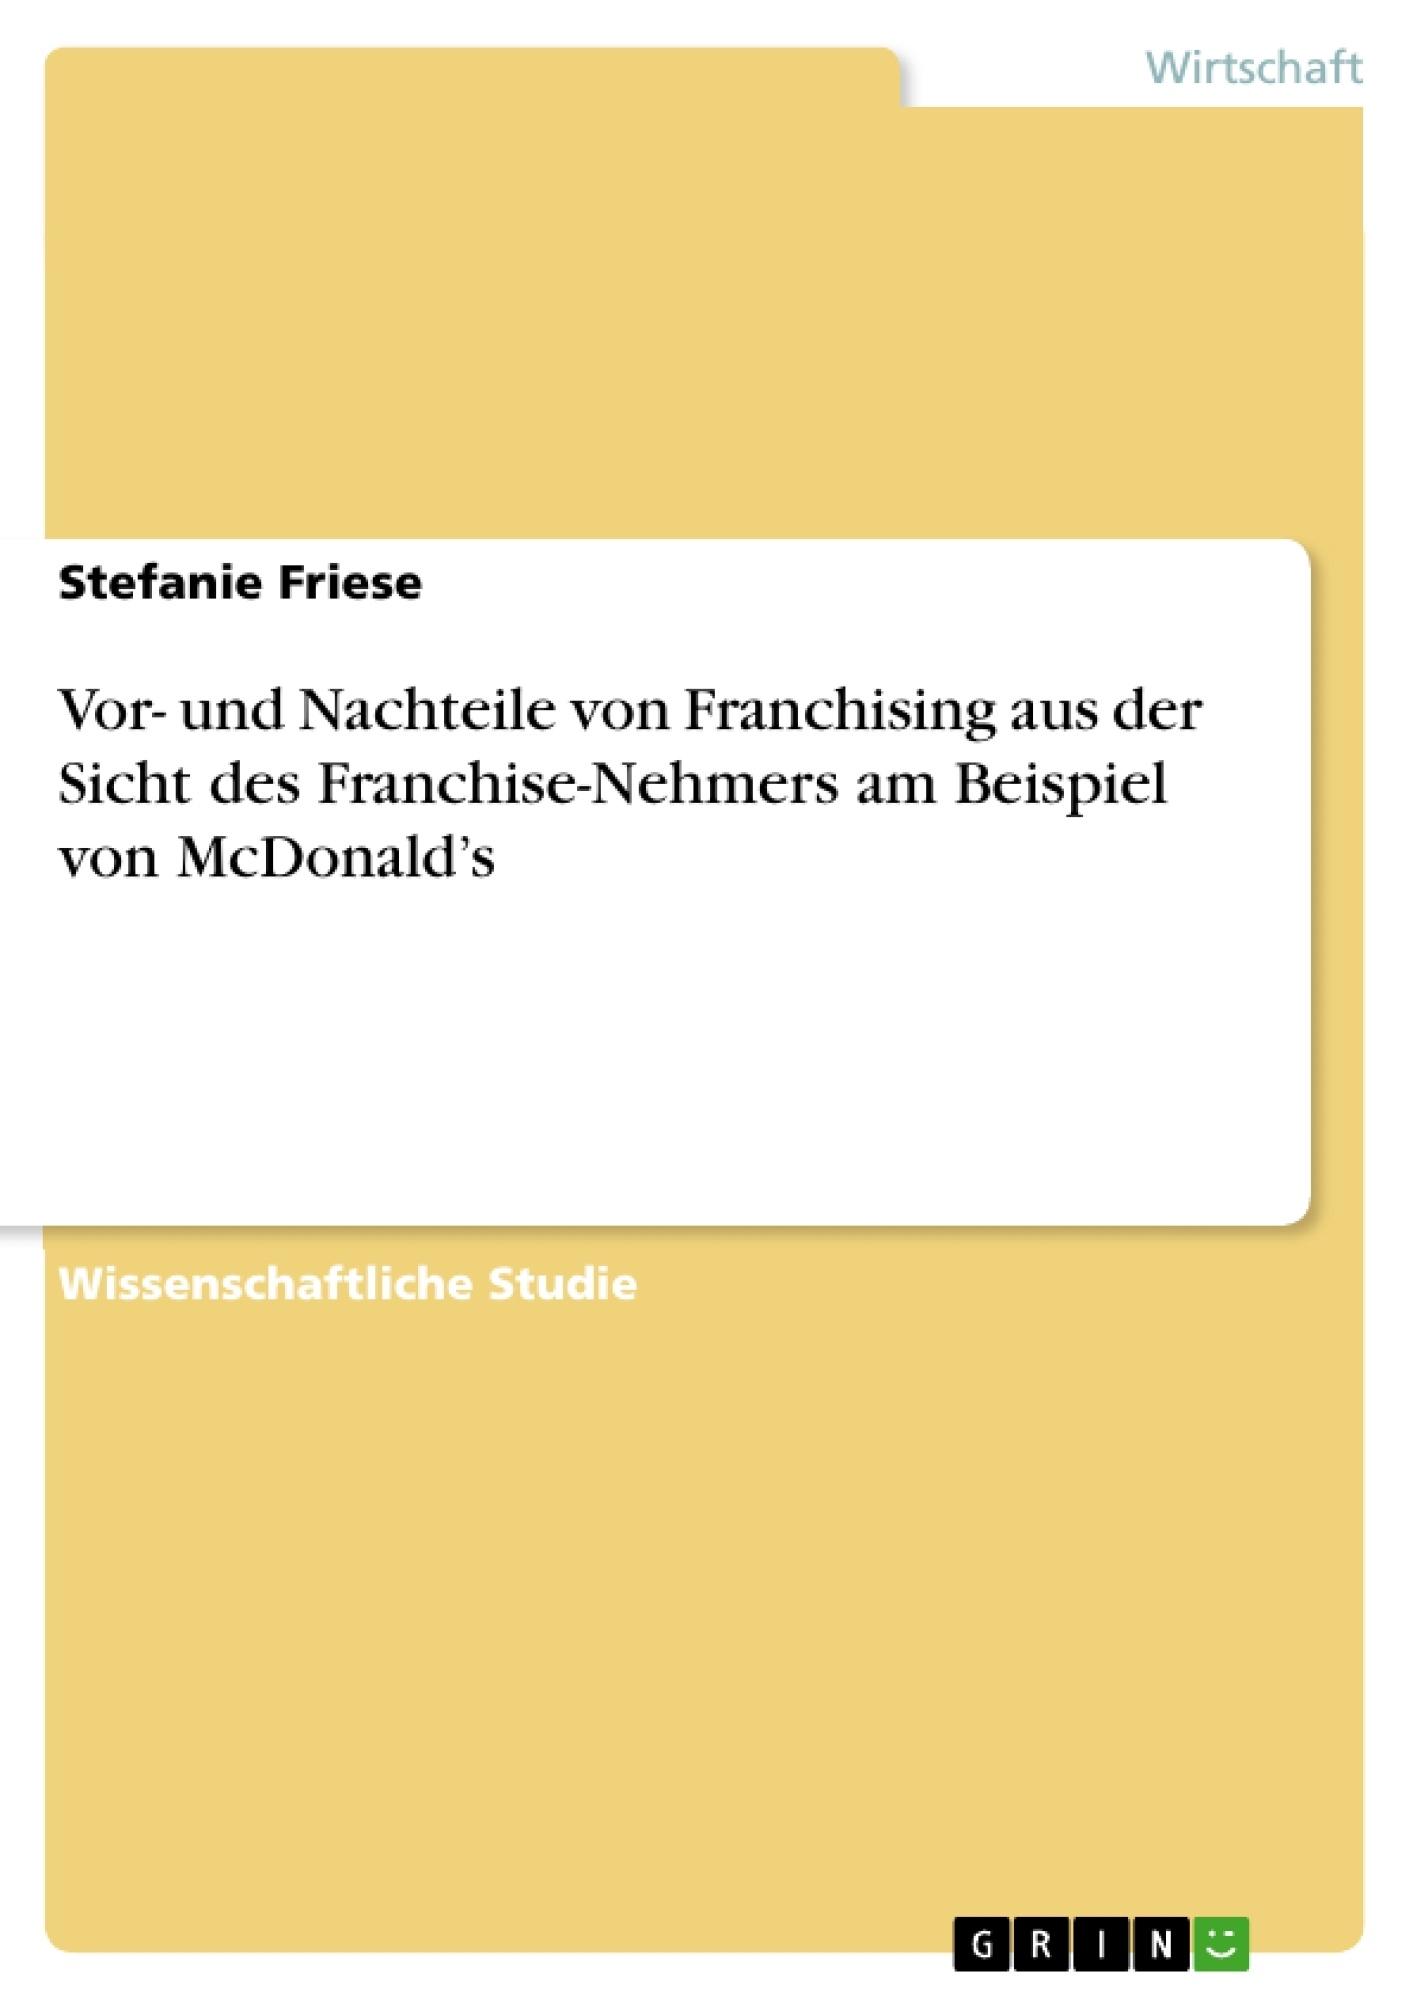 Titel: Vor- und Nachteile von Franchising aus der Sicht des Franchise-Nehmers am Beispiel von McDonald's